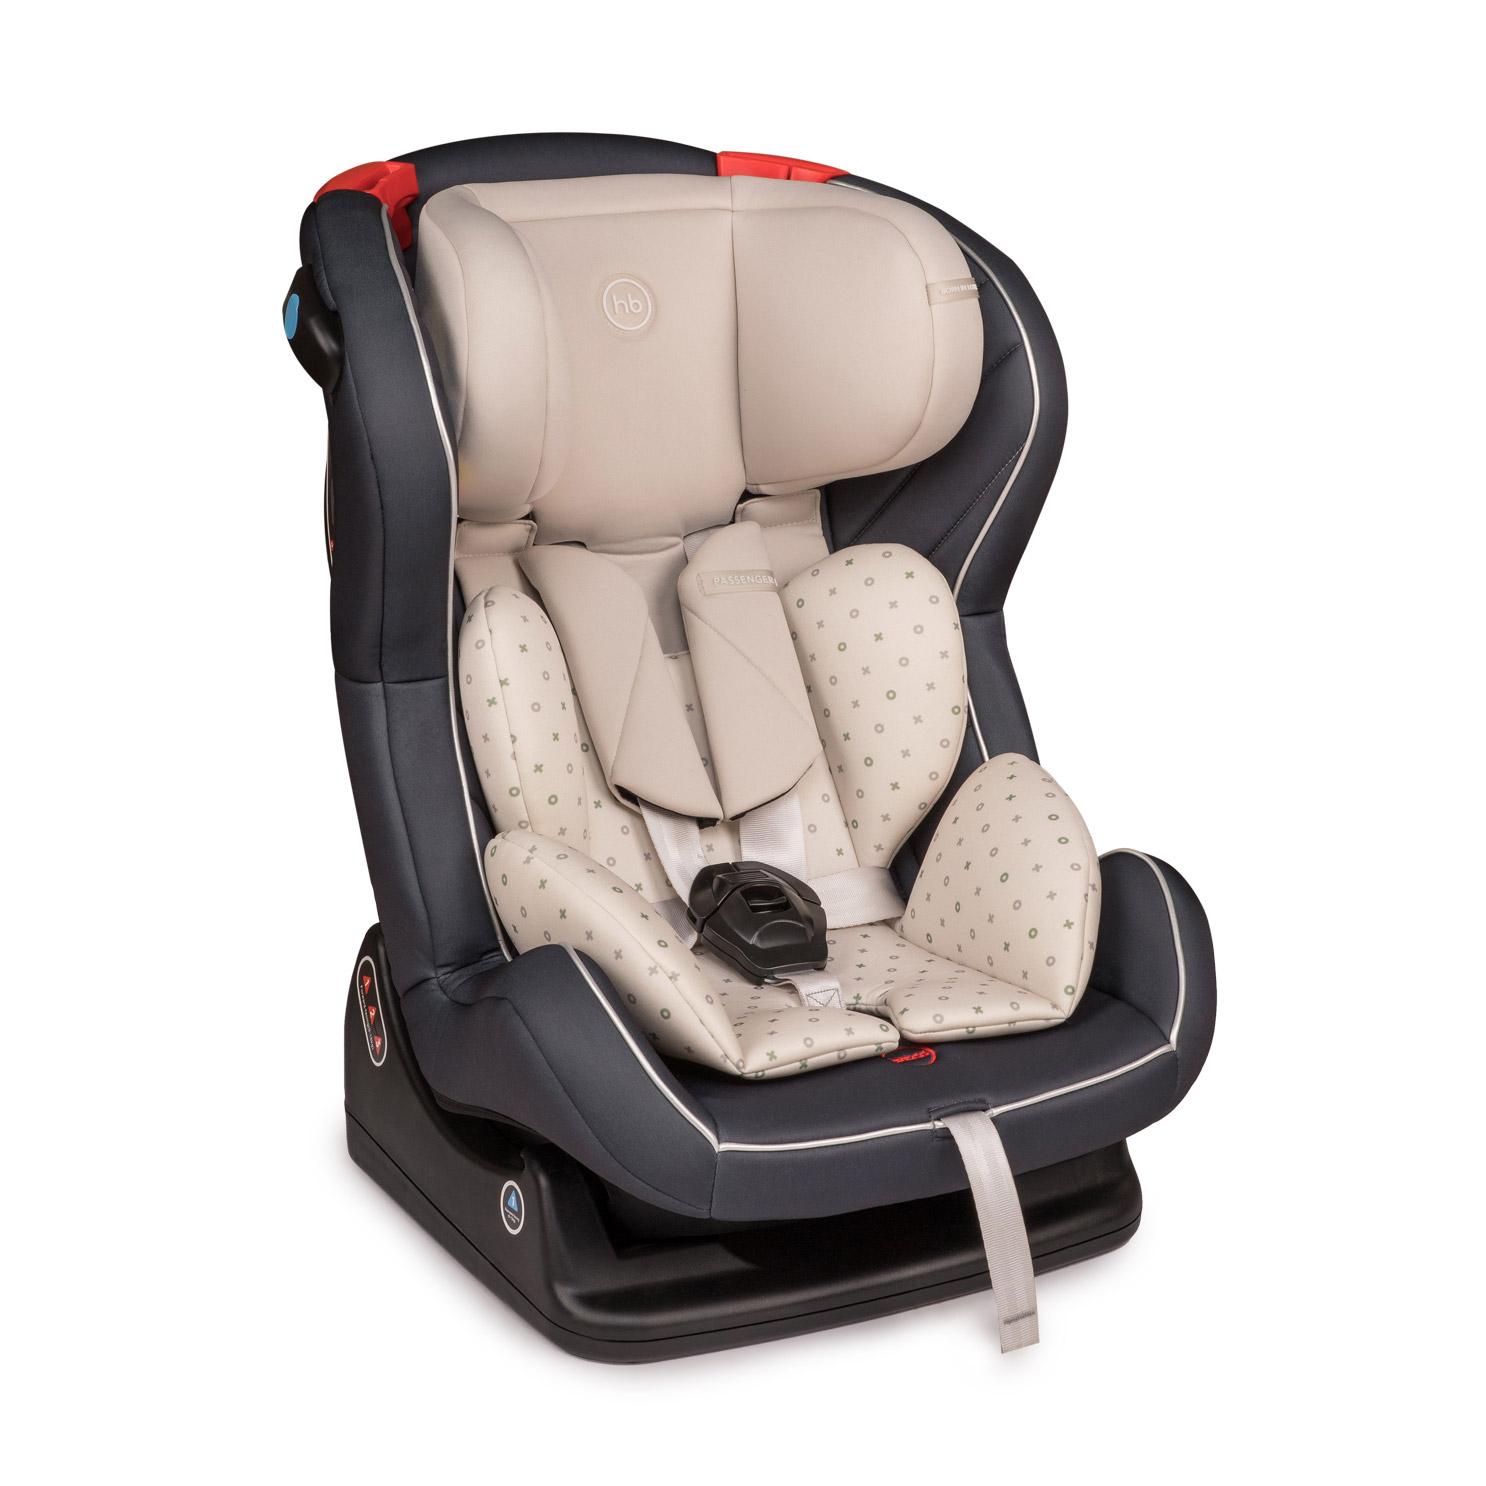 Фото - Автокресло Happy Baby Passenger V2 graphite автокресло happy baby passenger v2 graphite черный